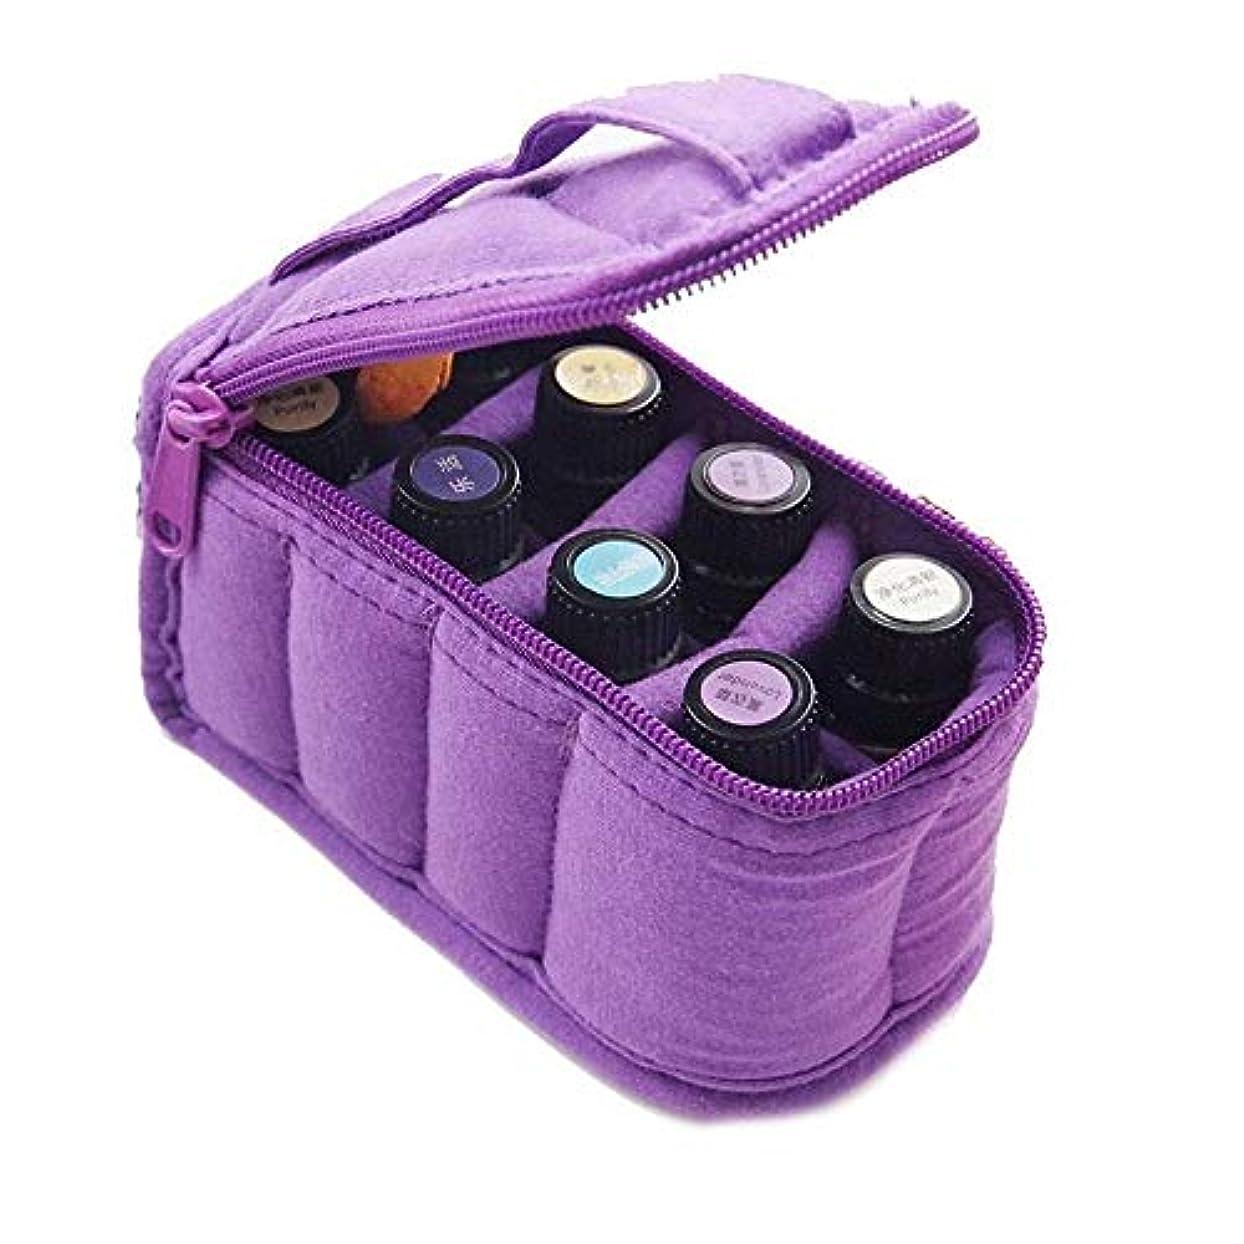 直感トンアークエッセンシャルオイル収納ボックス ケースプレミアム保護キャリングエッセンシャルオイルは10-15MLエッセンシャルオイルオーガナイザーバッグ(トップのハンドルキャリー)開催します アロマオイル収納ボックス (色 : 紫の, サイズ : 13X7X7.5CM)